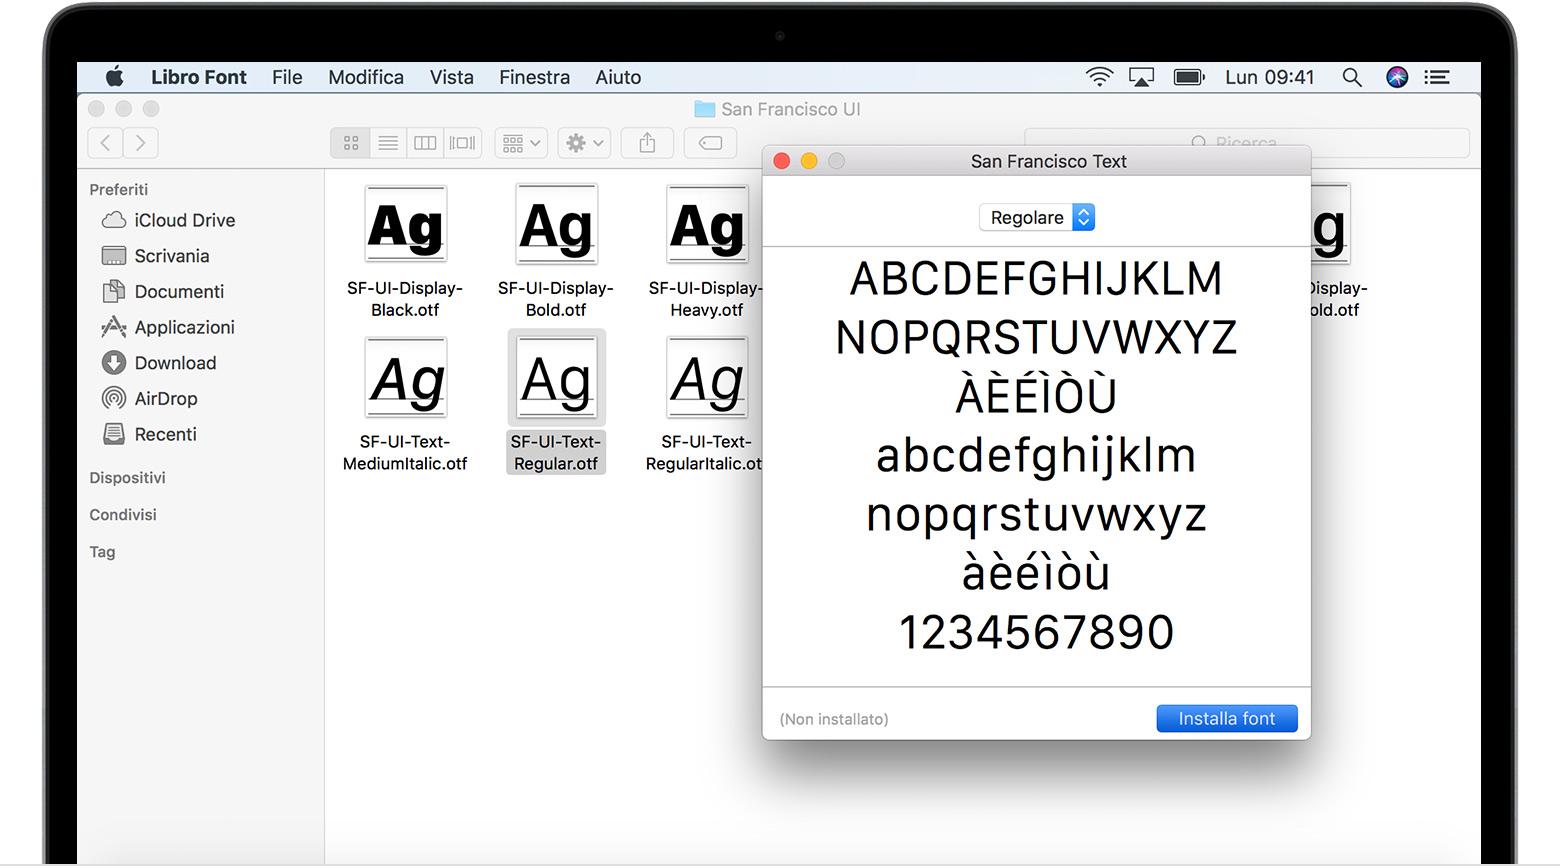 Come installare e rimuovere i font sul Mac - Supporto Apple